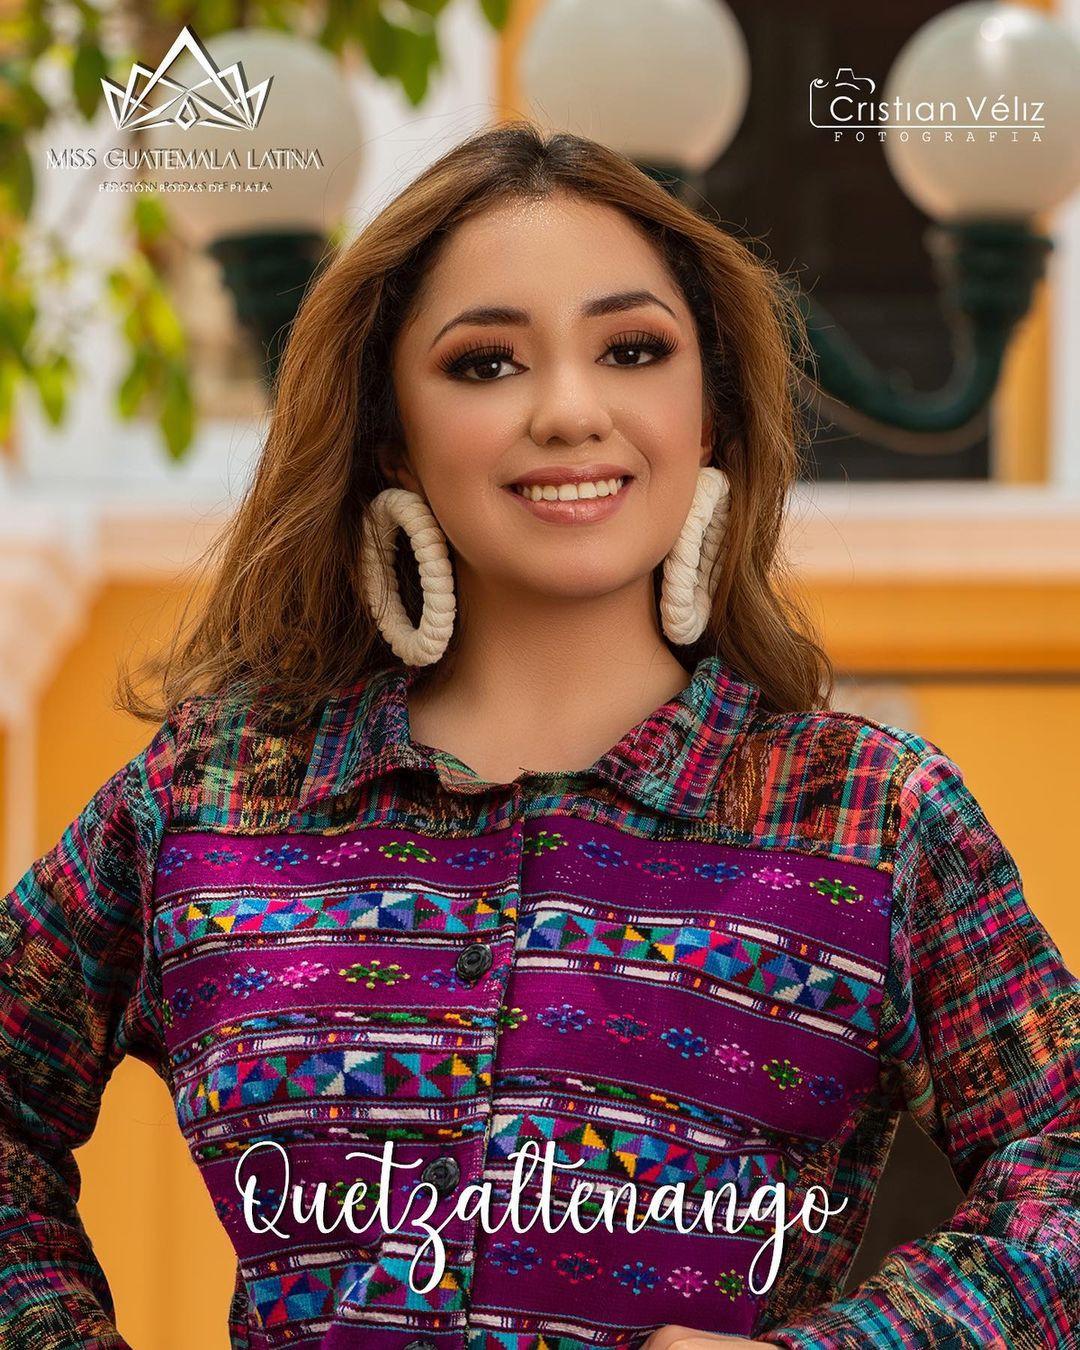 candidatas a miss guatemala latina 2021. final: 30 de abril. - Página 2 B2grkN